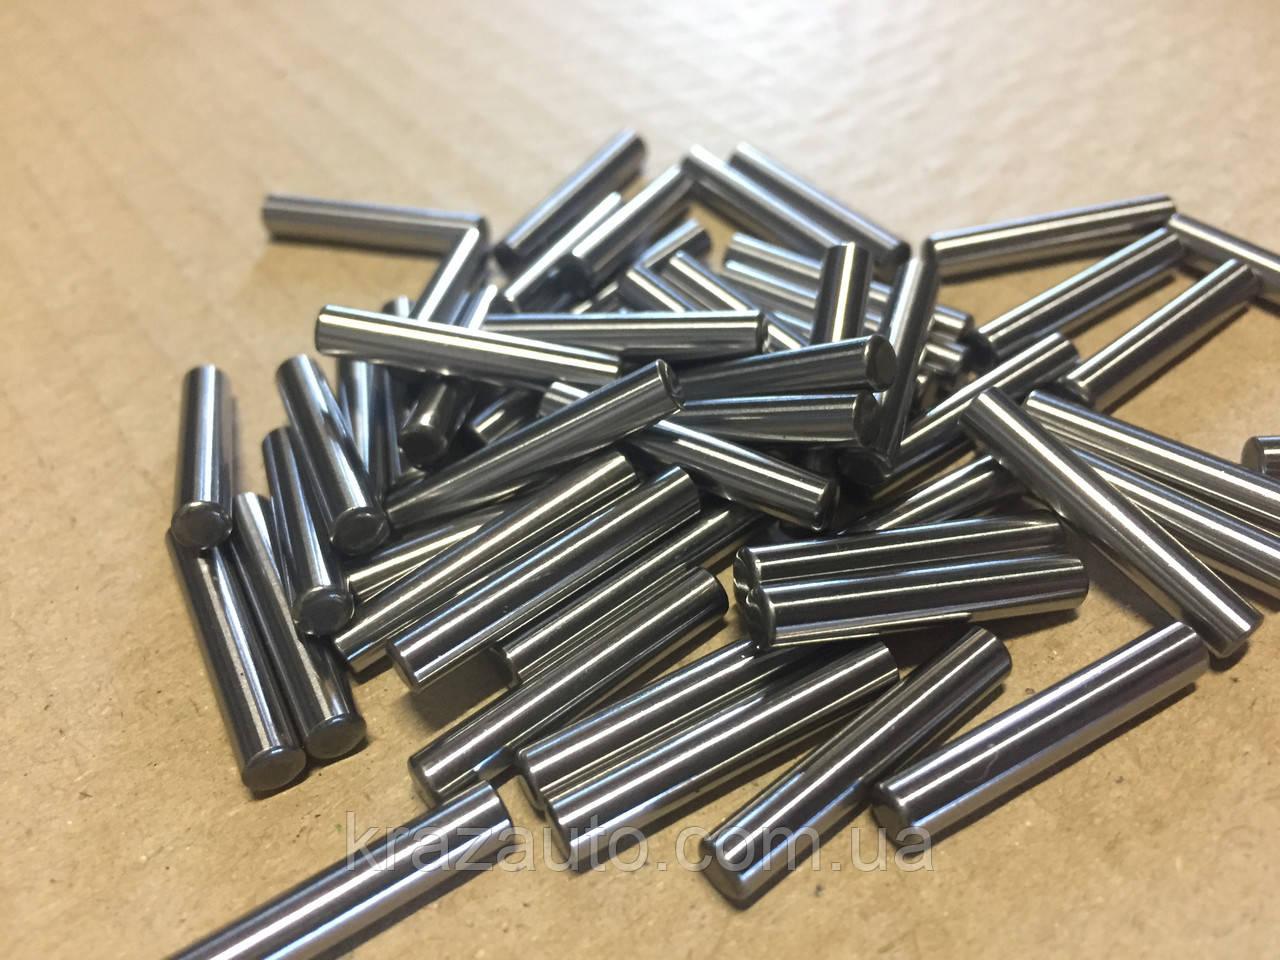 Ролик оси сателлита на водило 5 сателлитов нового образца к-т (54 шт. на ось) 5440-2405040